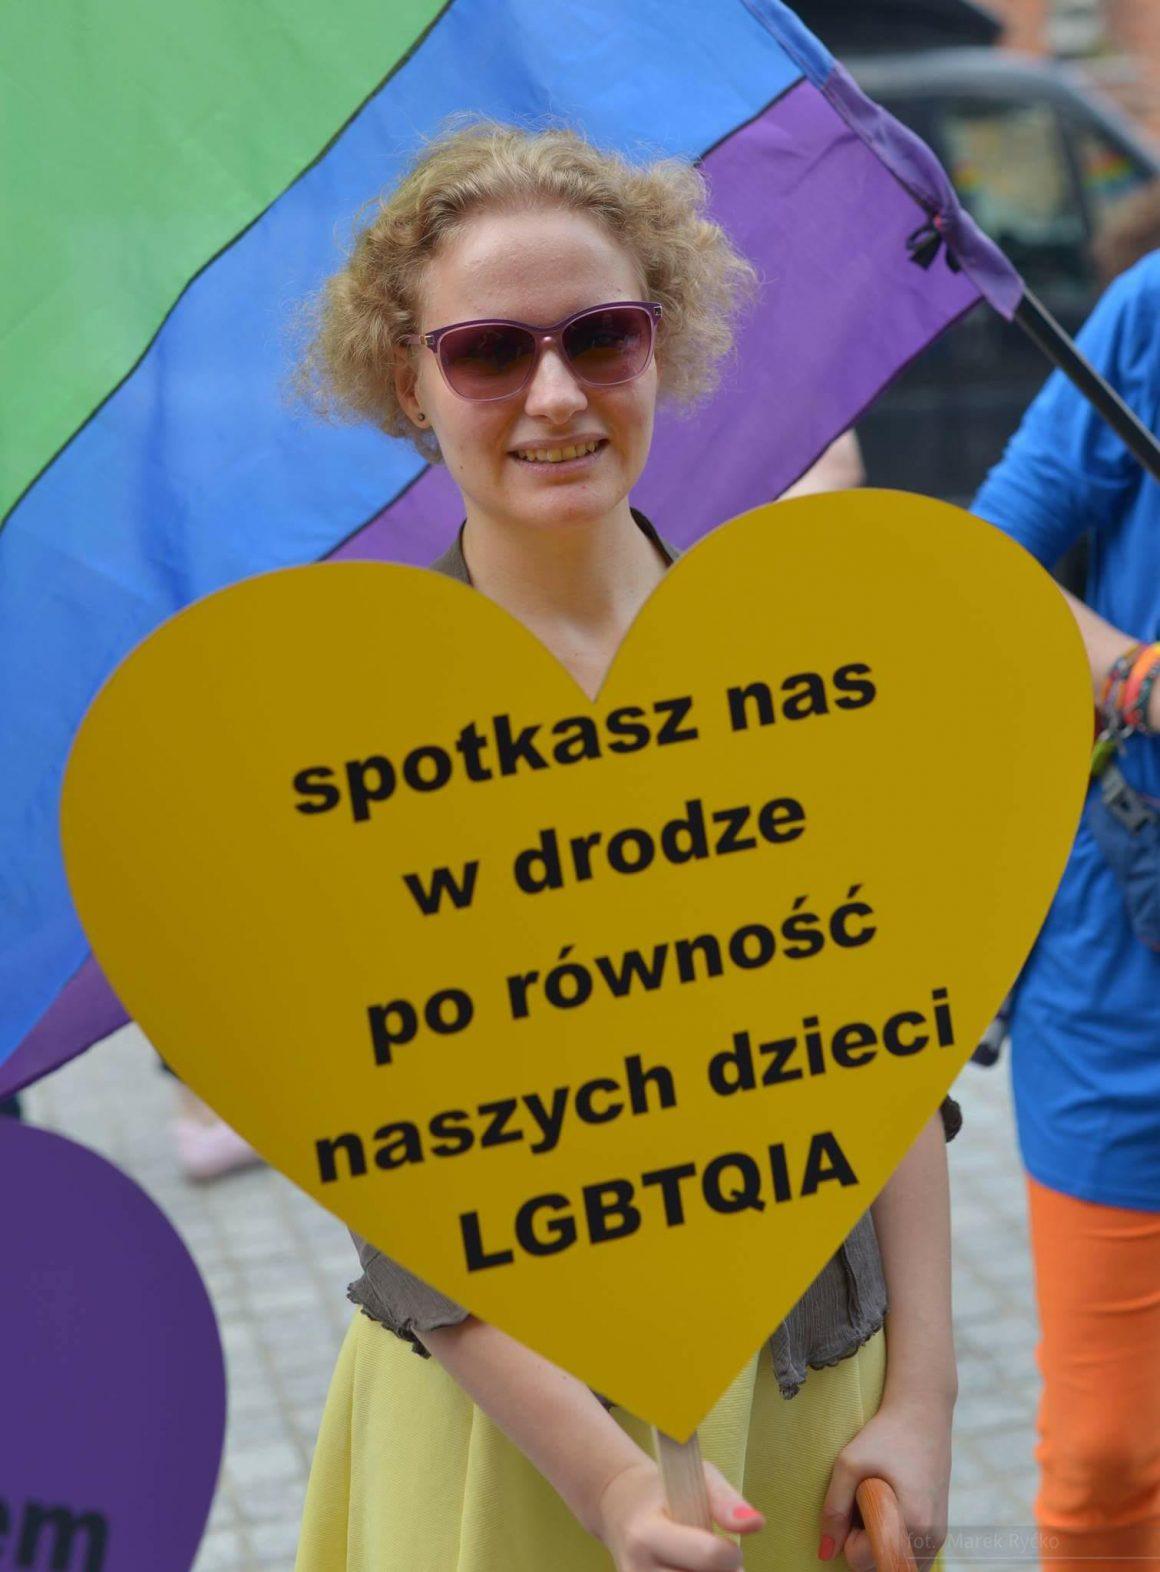 IV Trójmiejski Marsz Równości